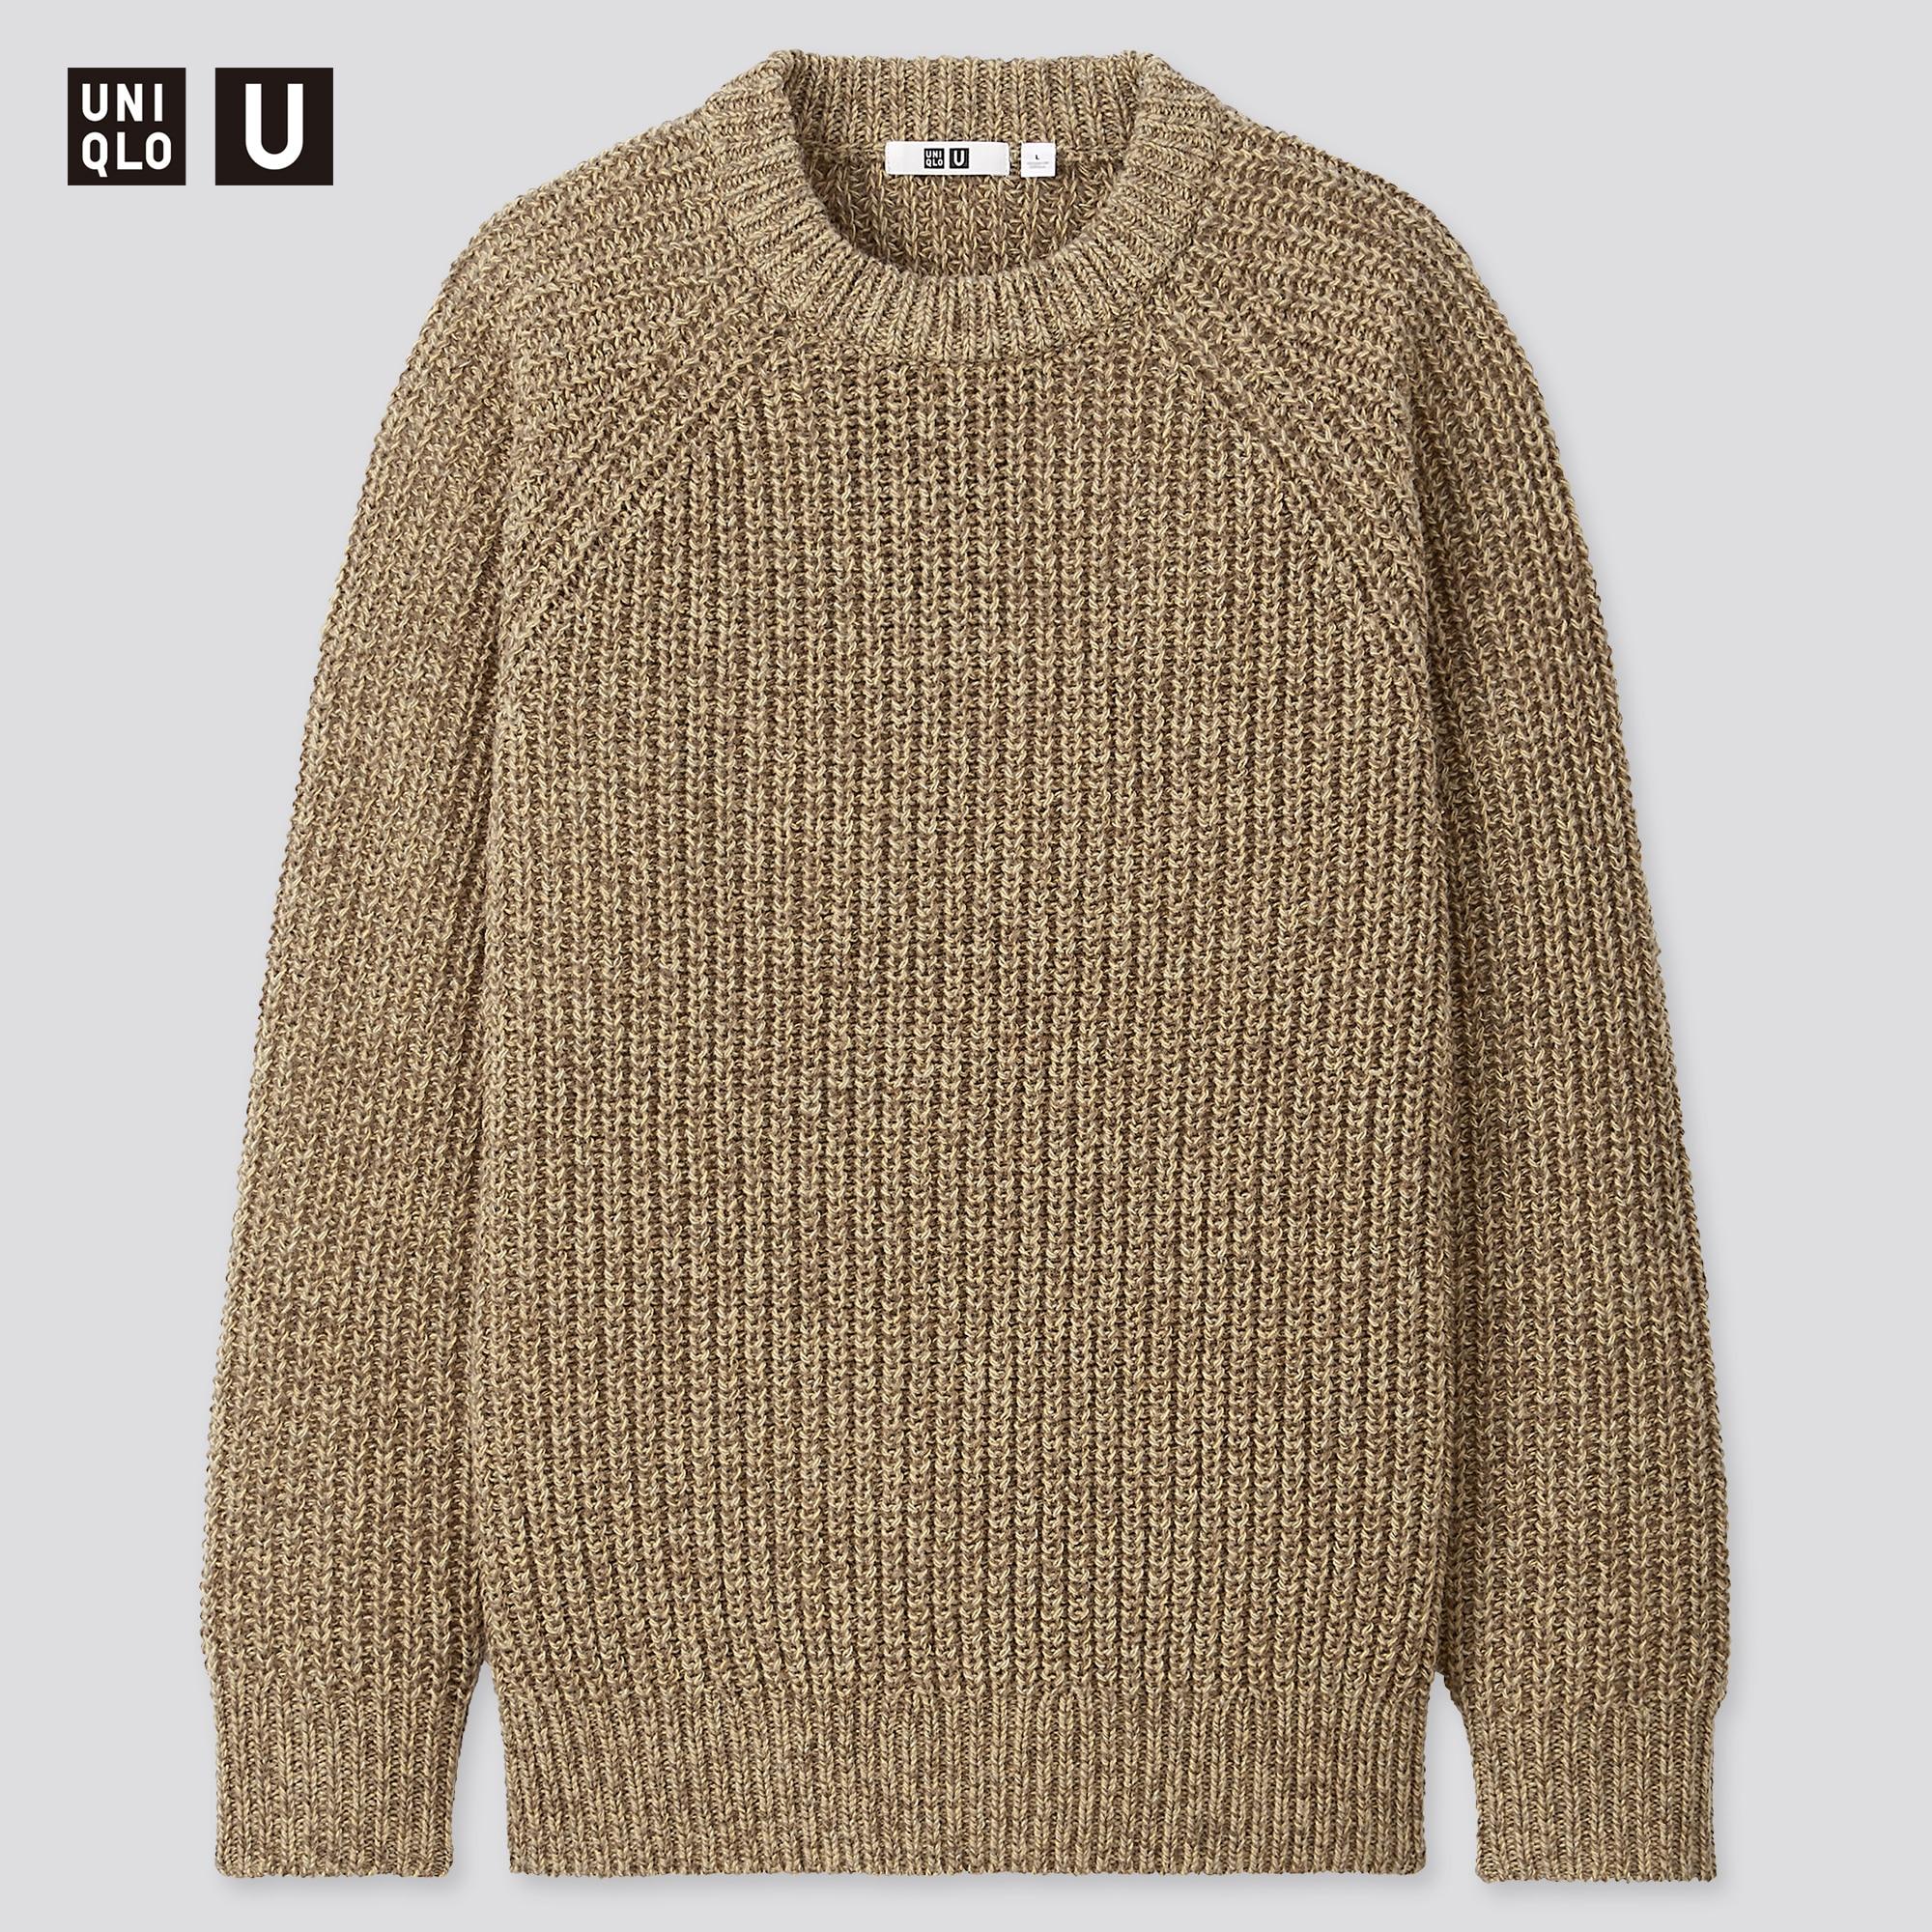 men u low gauge crew neck long-sleeve sweater